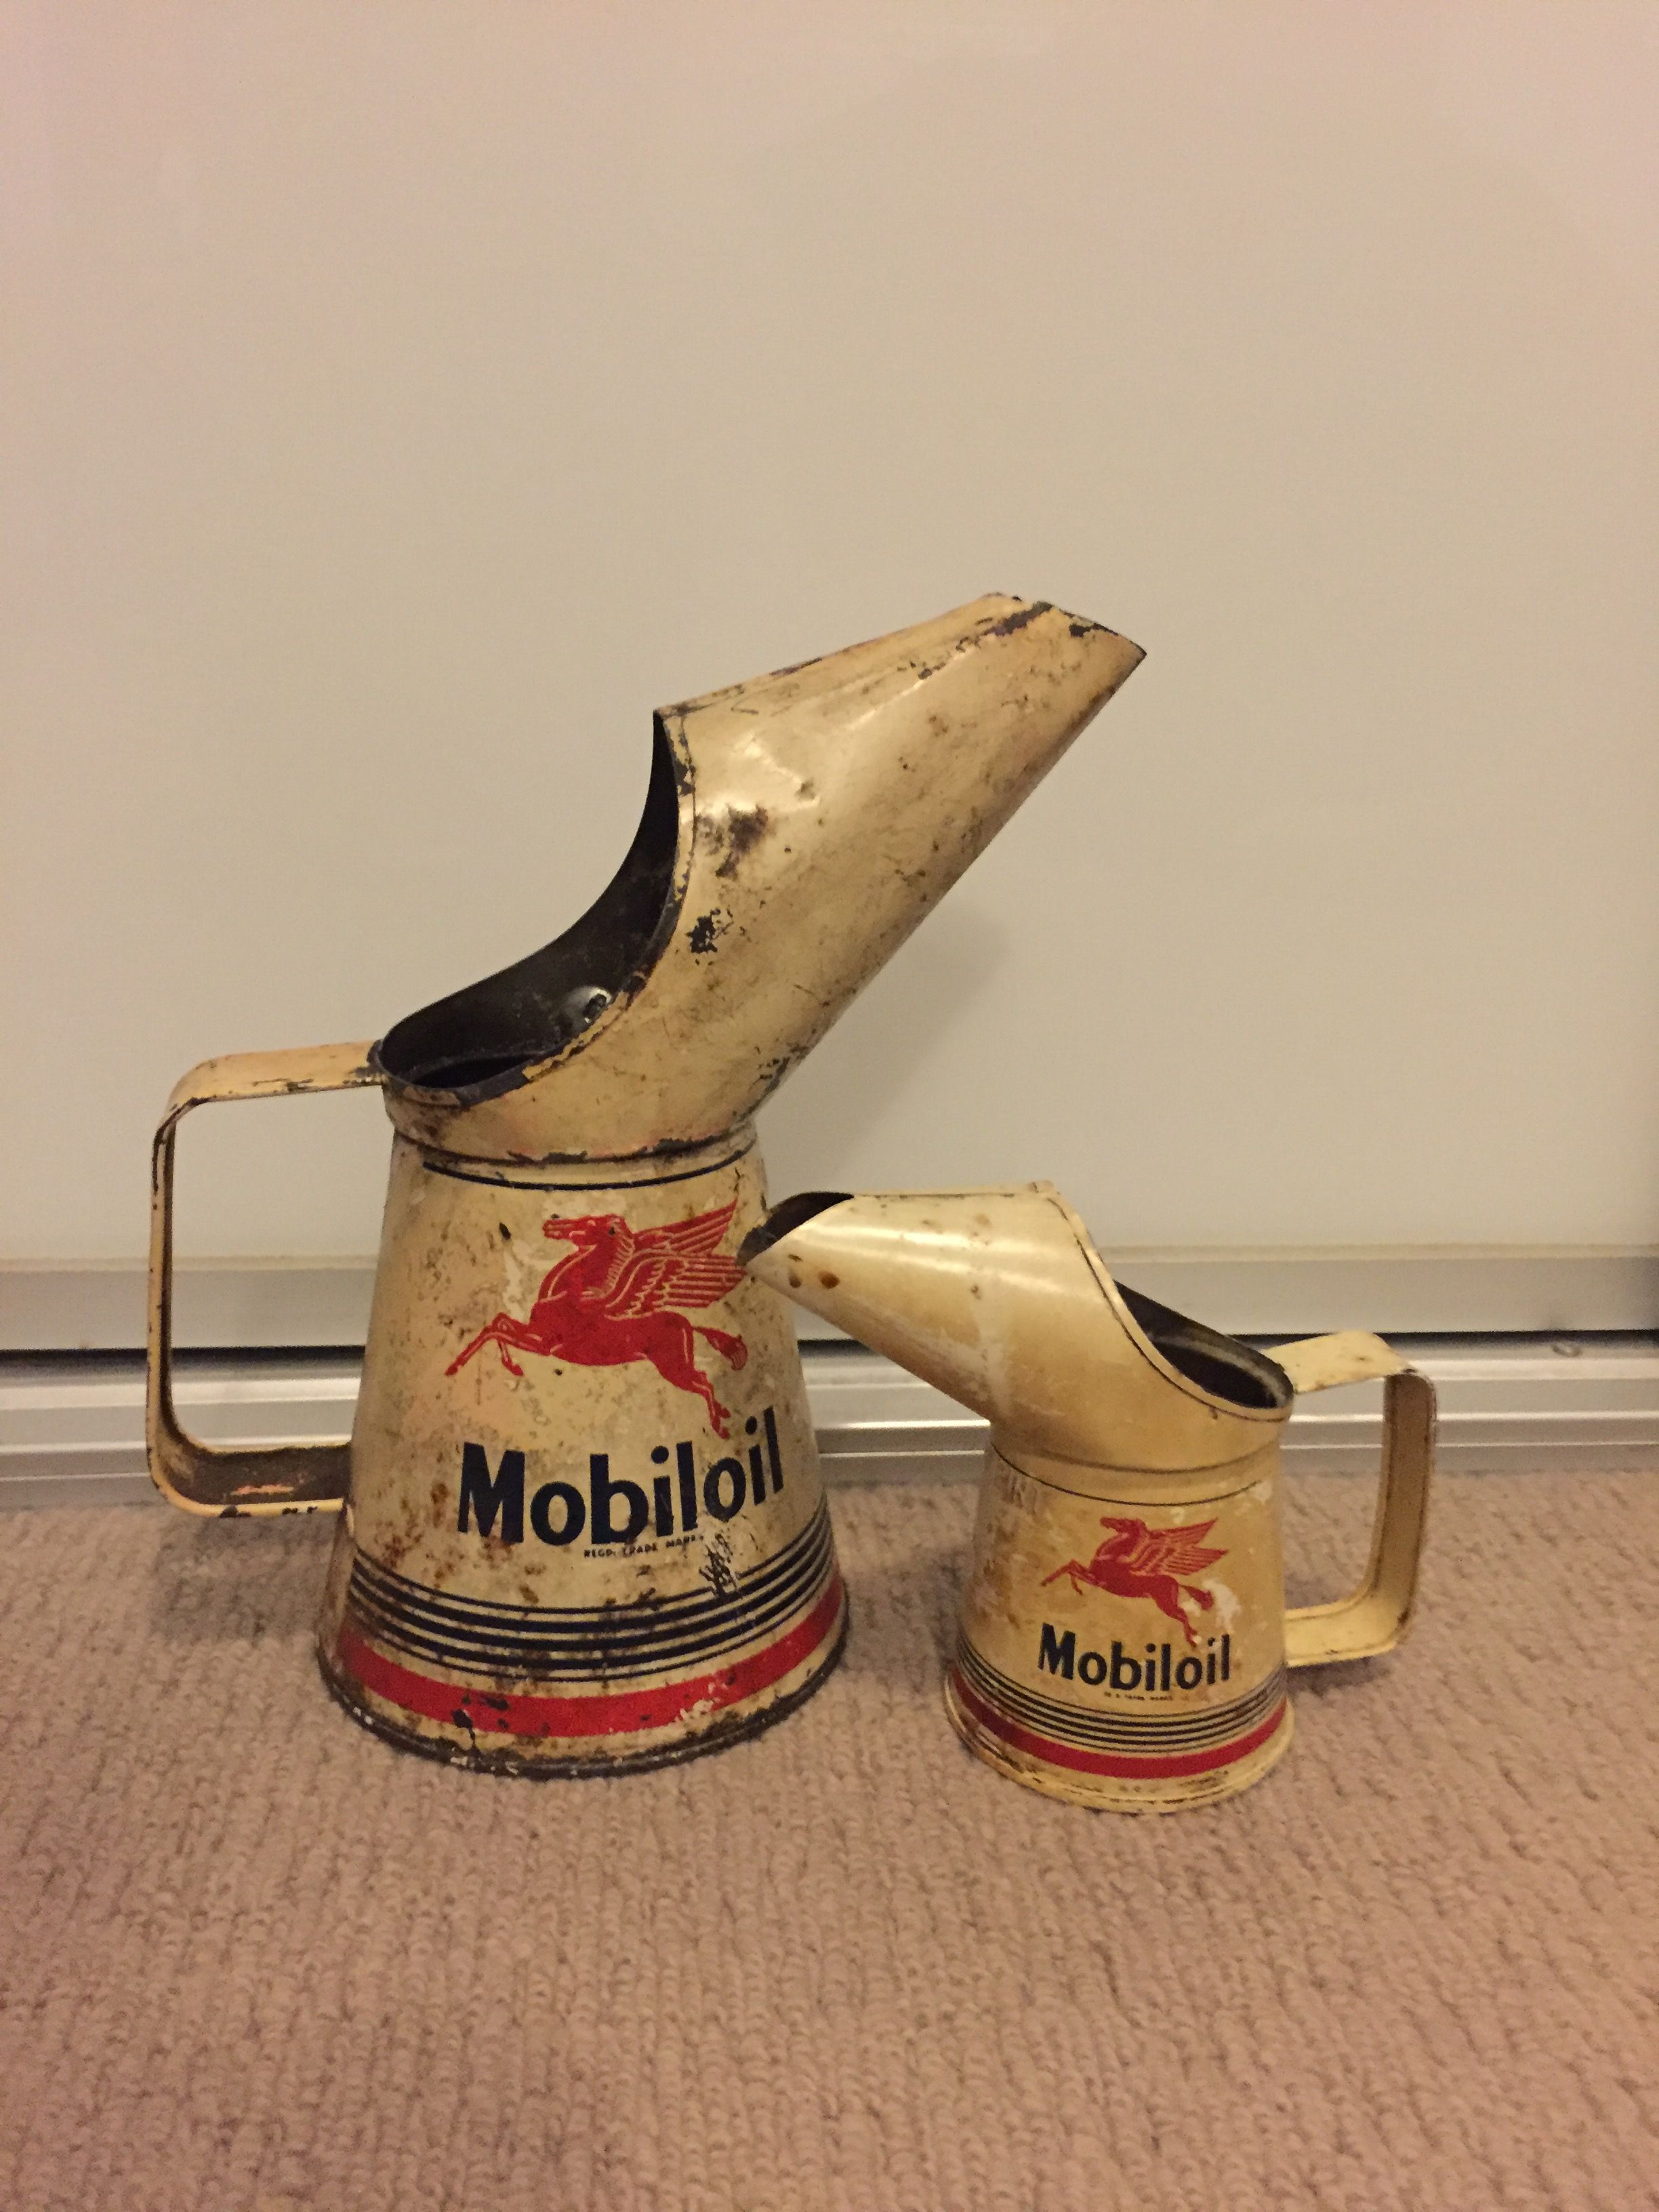 Mobil Quart 1960 And 1 2pint 1954 Oil Pourer Vintage Gas Pumps Vintage Oil Cans Old Gas Pumps